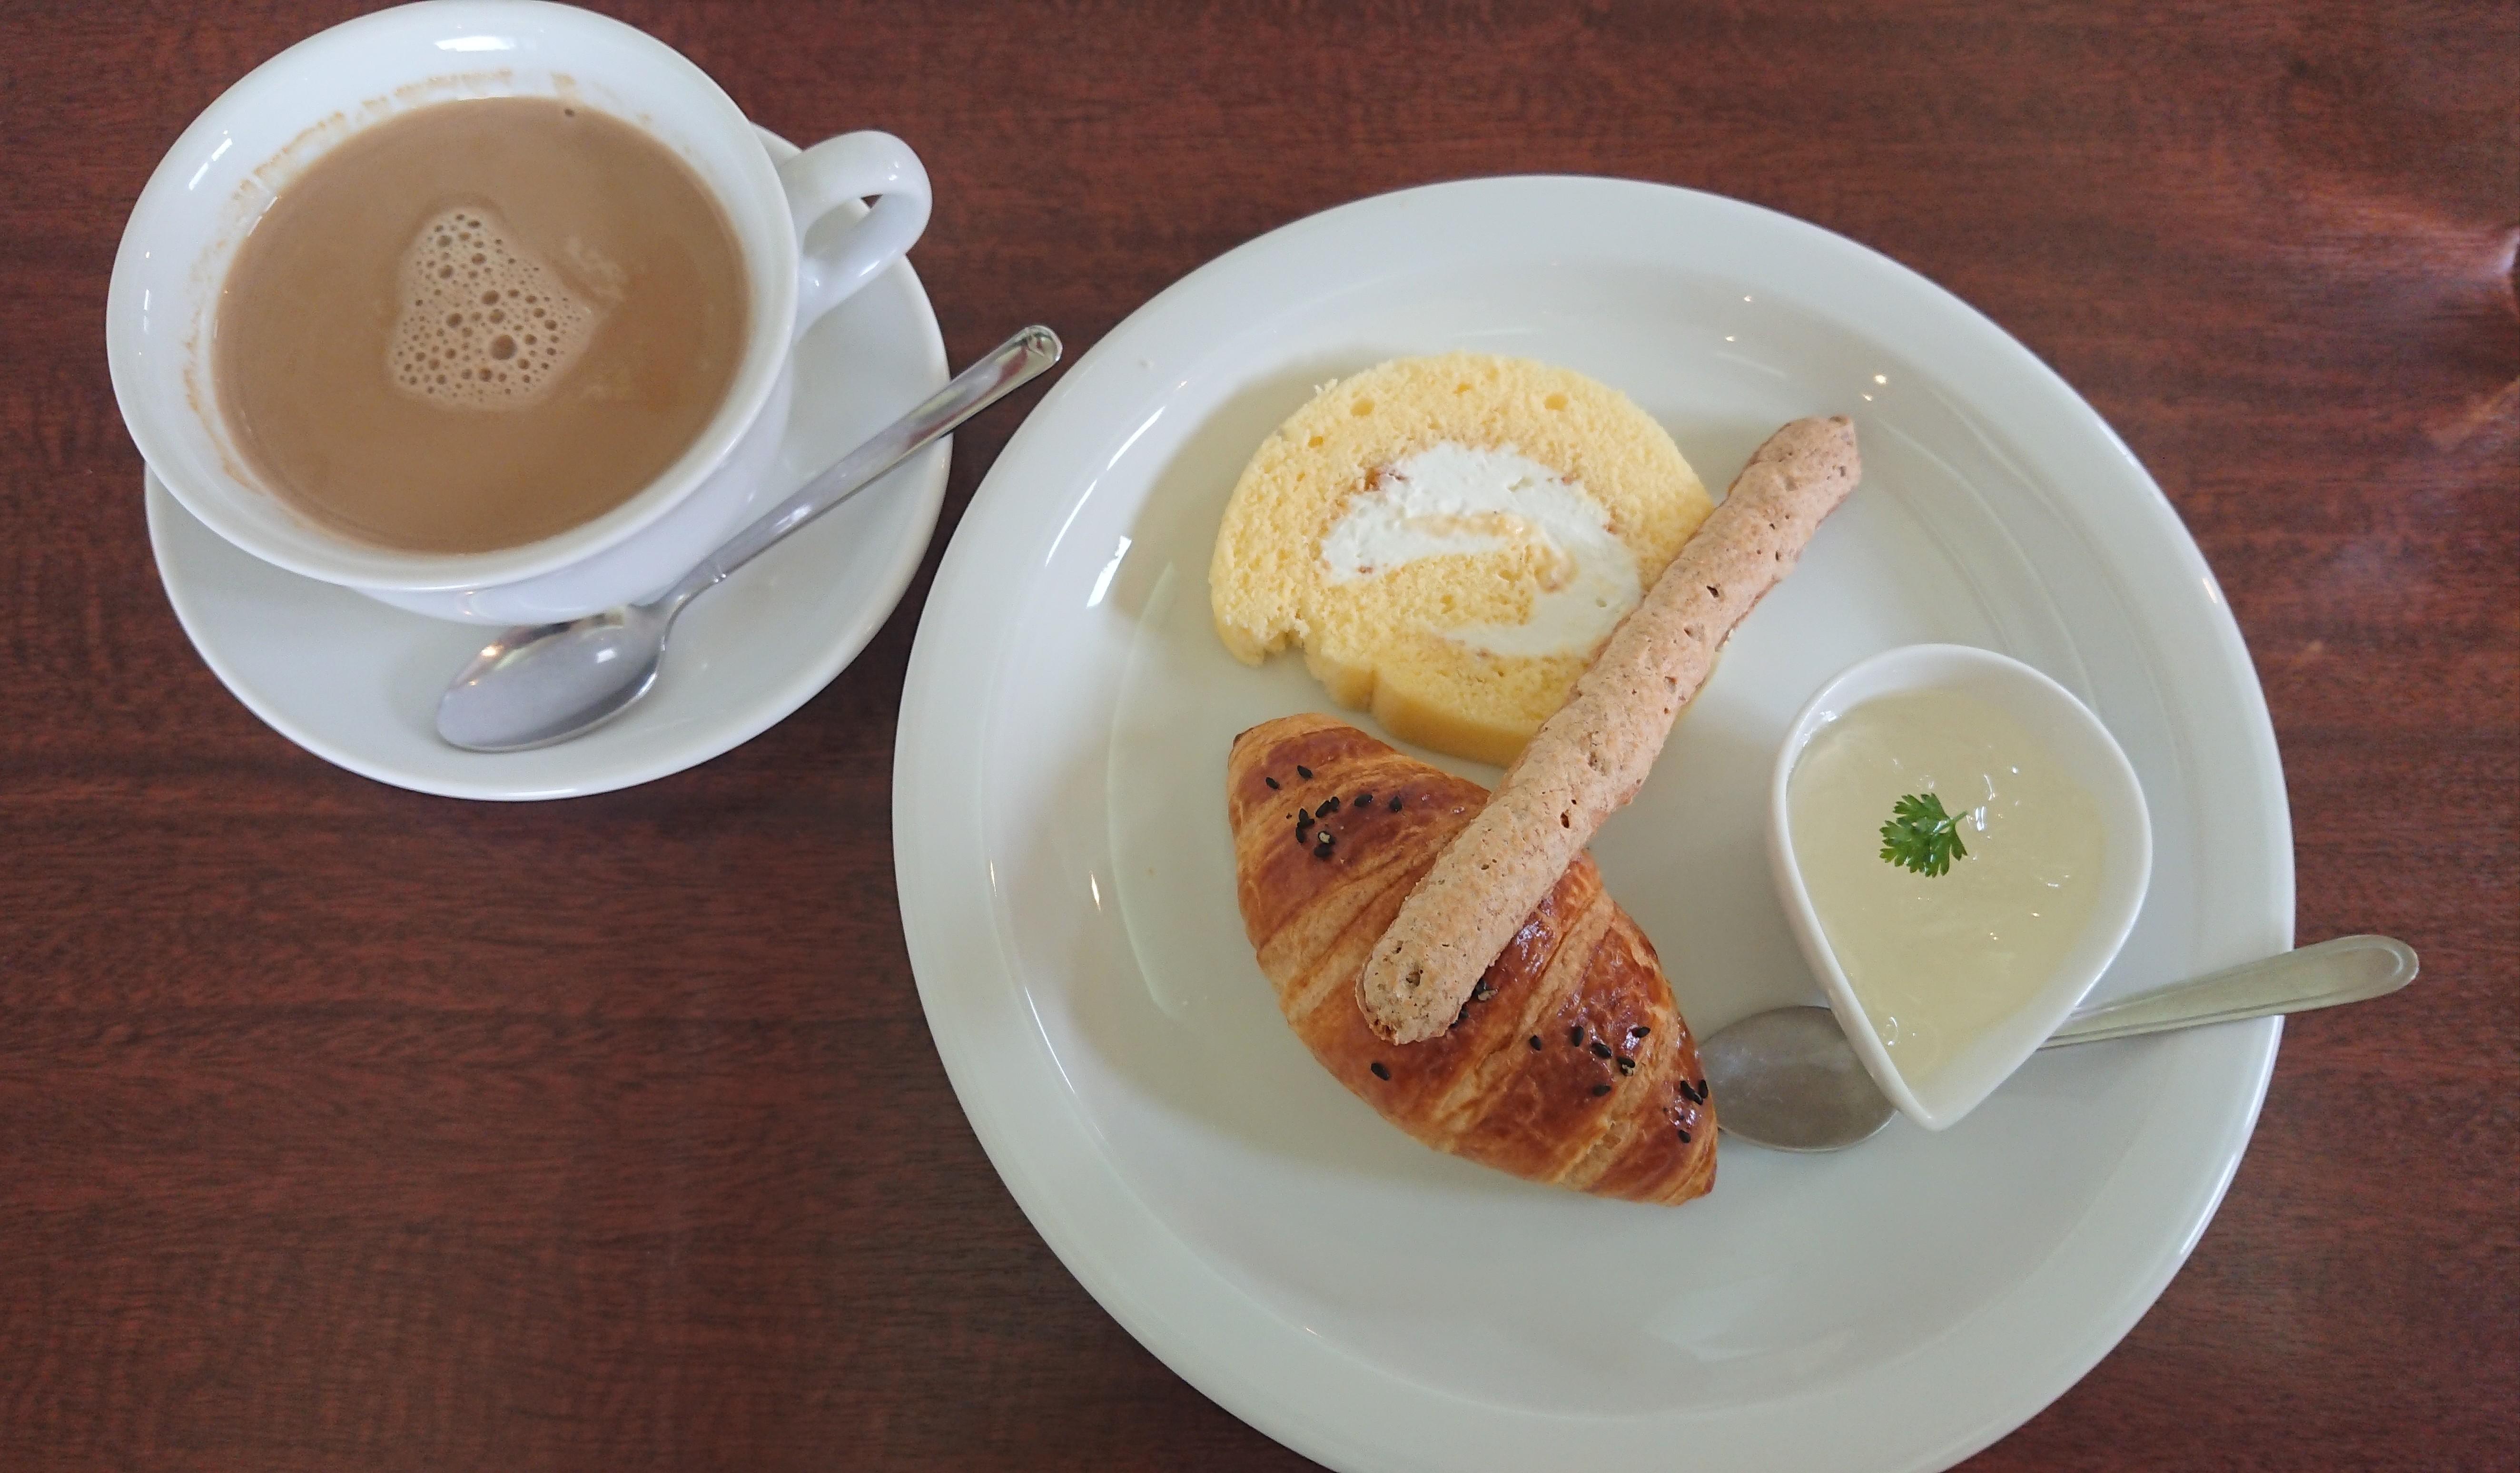 【100均】おしゃれなセリアの白い食器が優秀すぎる件